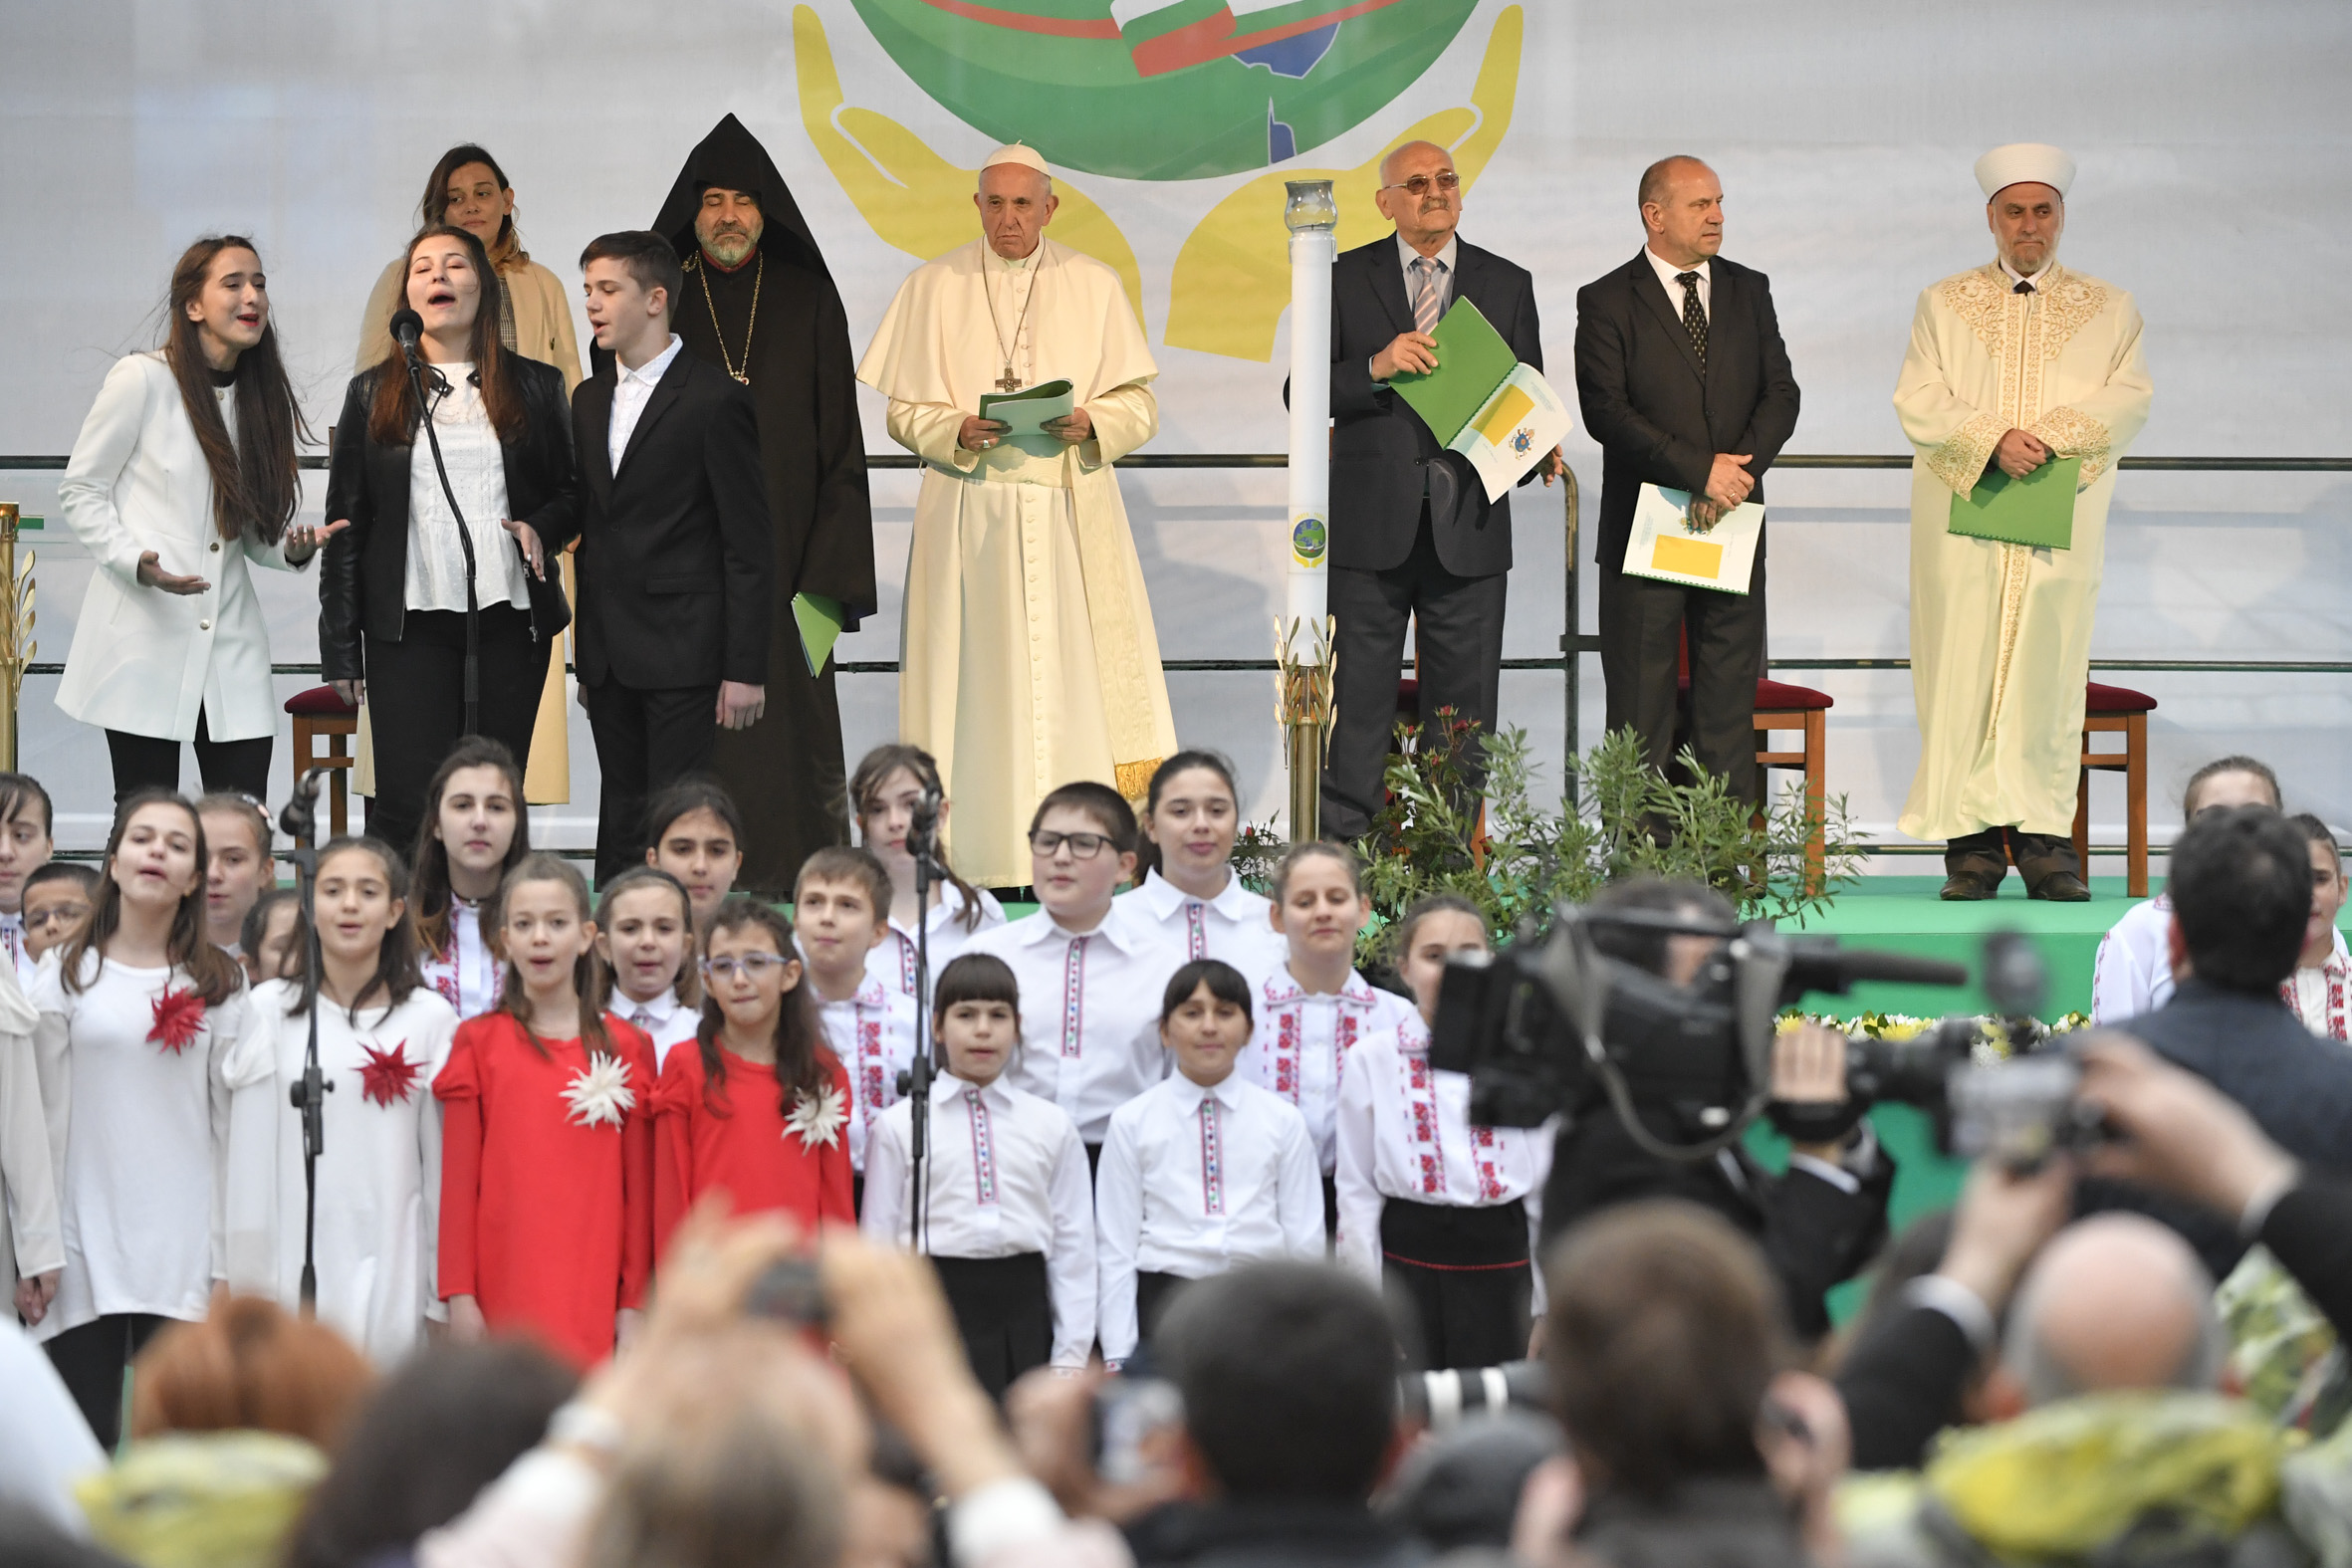 Oración ecuménica por la paz en Sofía, Bulgaria © Vatican Media